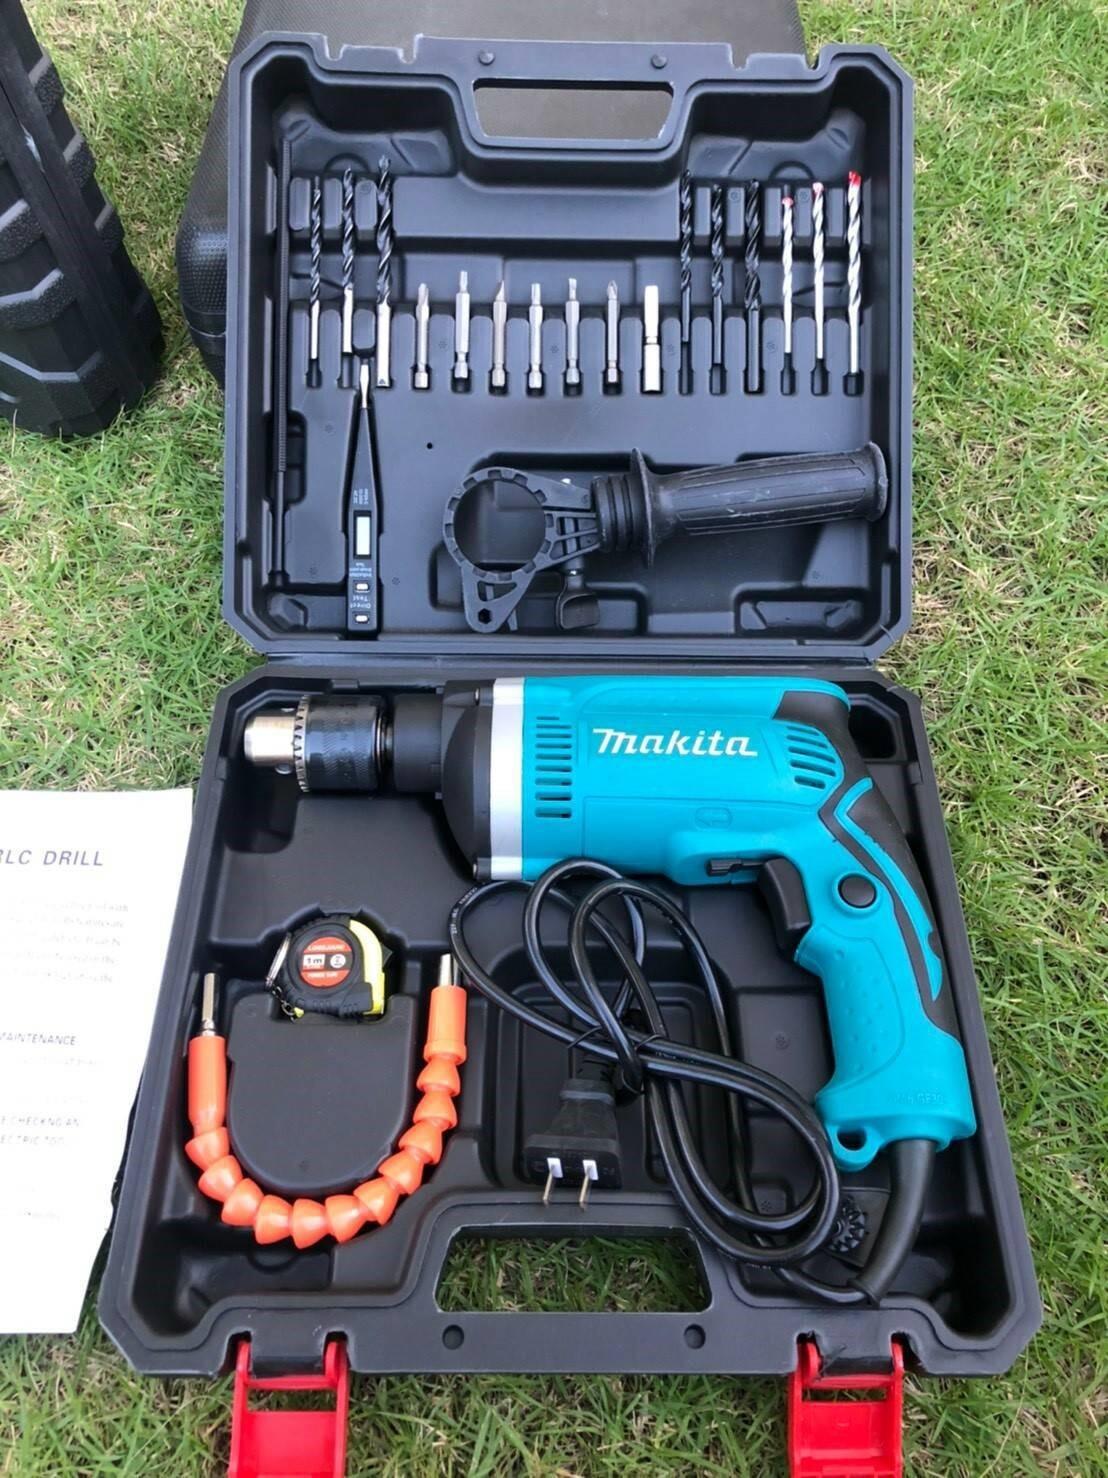 ชุดกระเป๋า สว่านกระแทก Makita  2 ระบบ Hp1630  มาพร้อมอุปกรณ์พื้นฐาน.